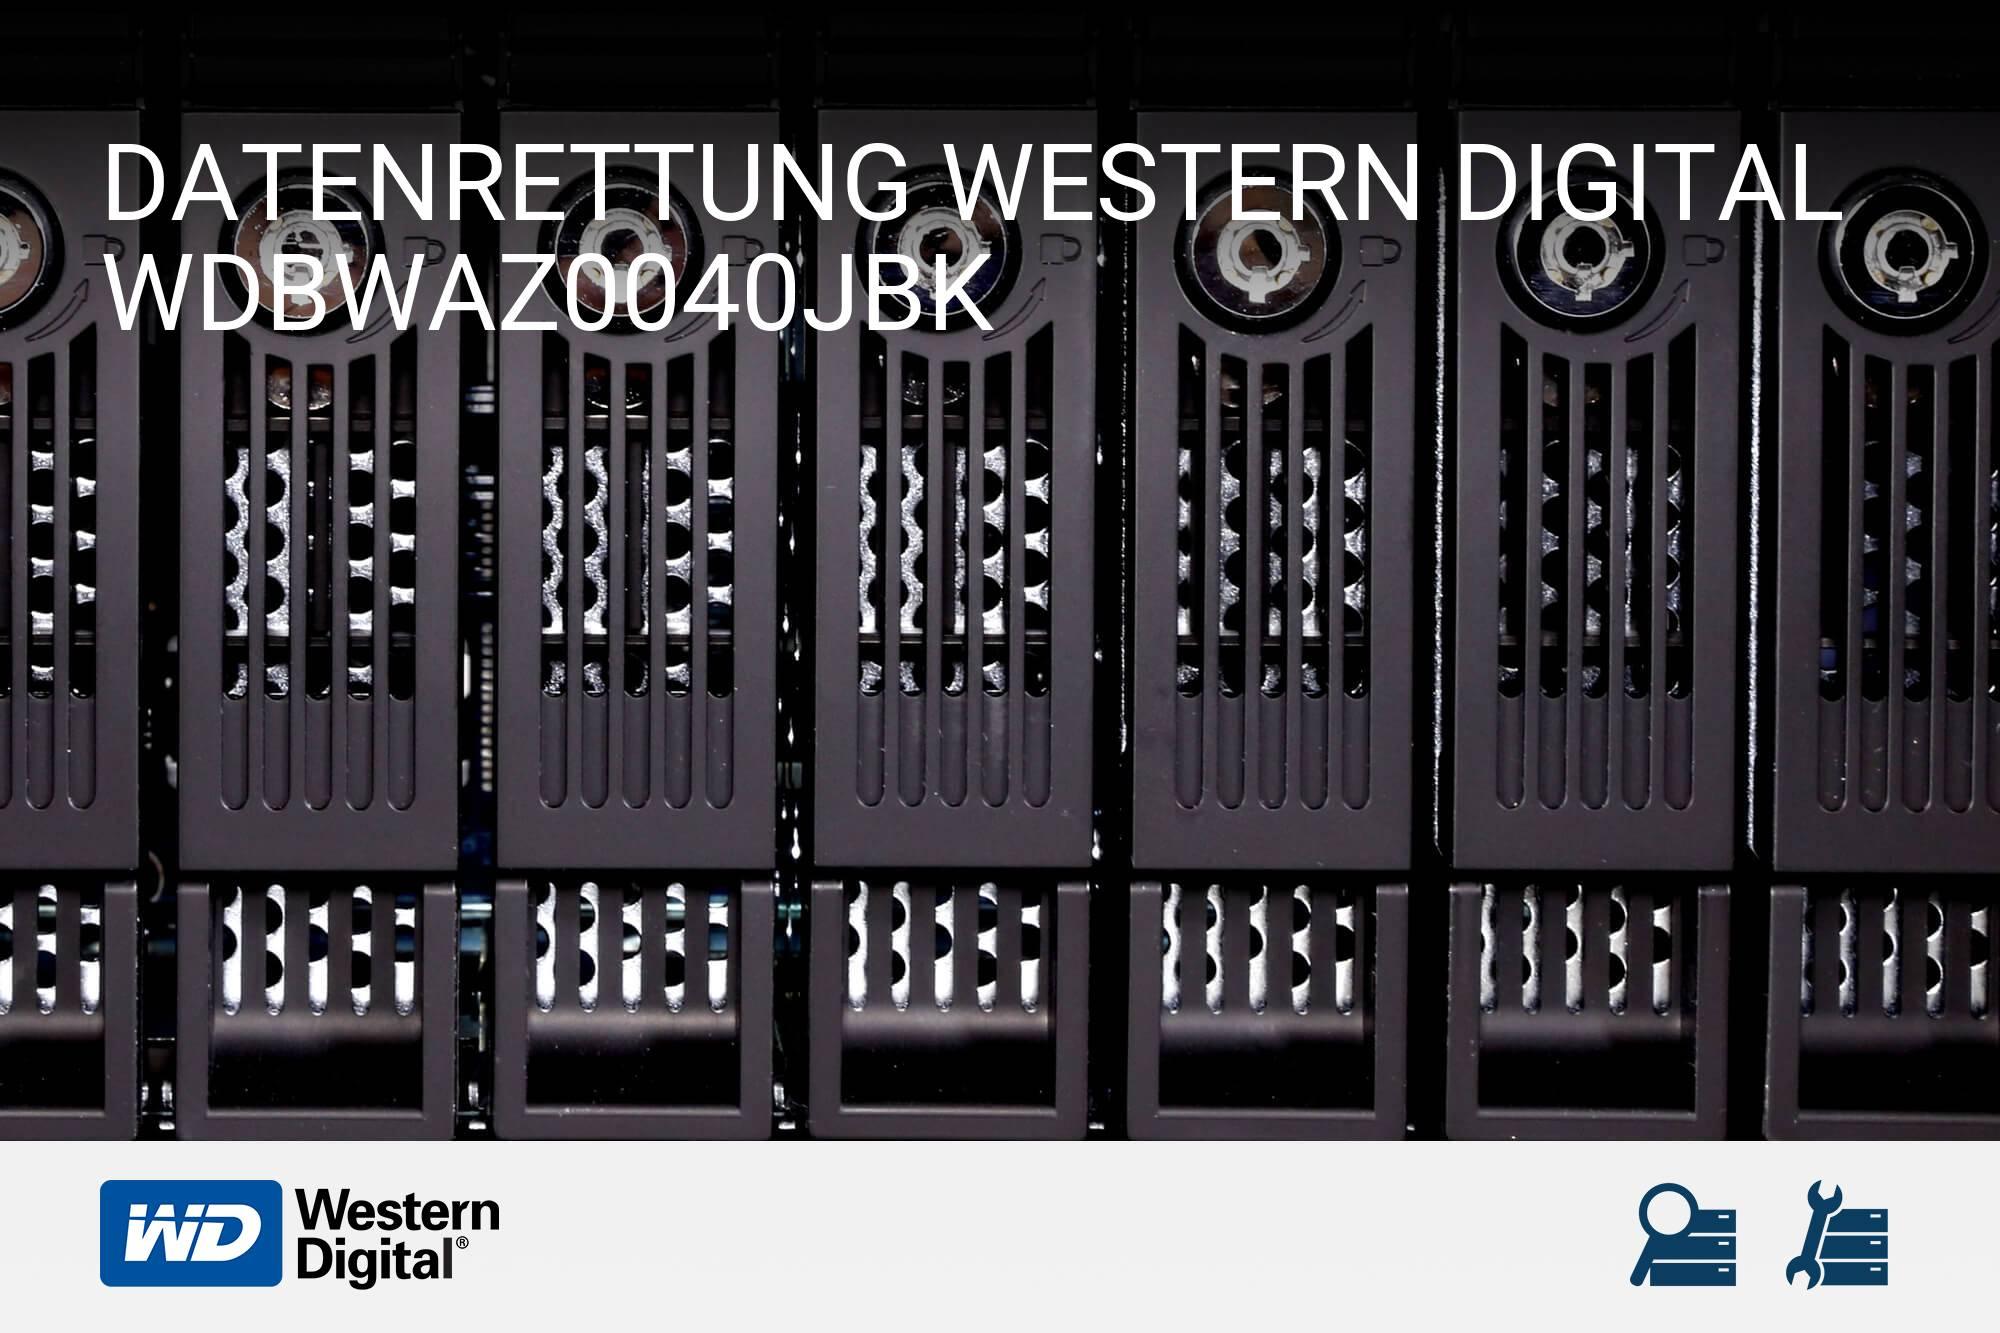 Western Digital WDBWAZ0040JBK